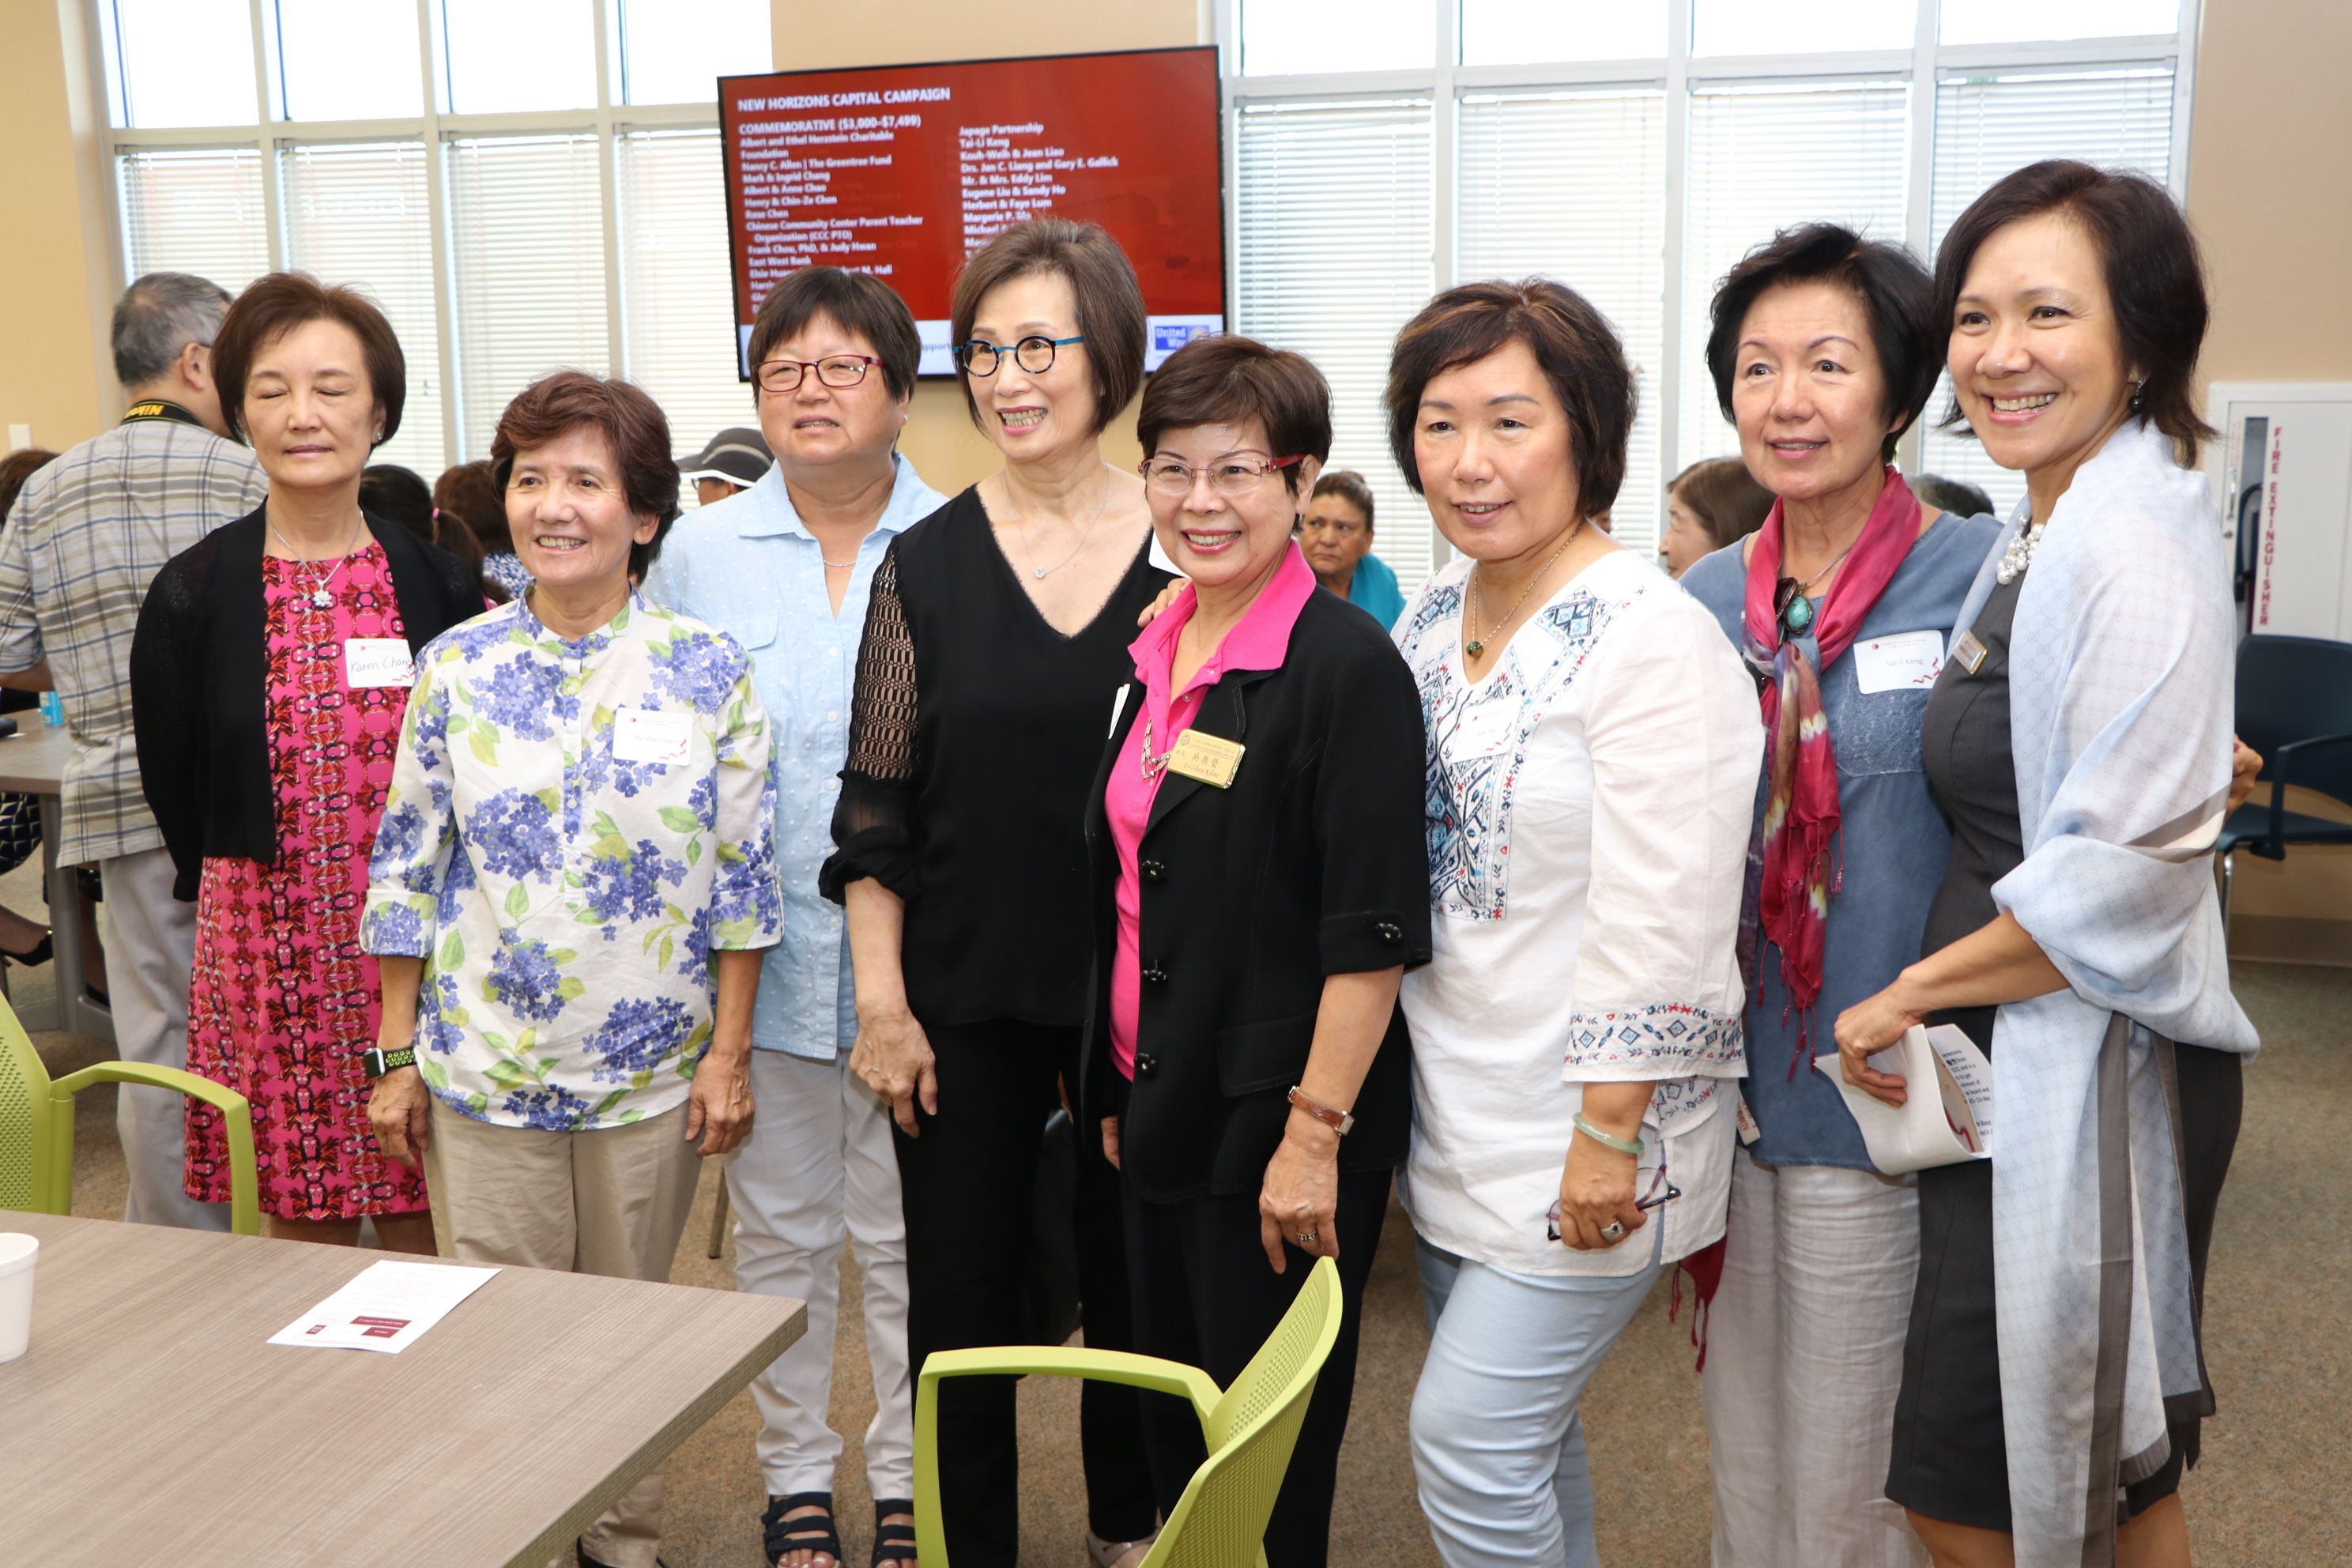 趙氏基金會代表人辜懷箴(左四)與友人一起出席。